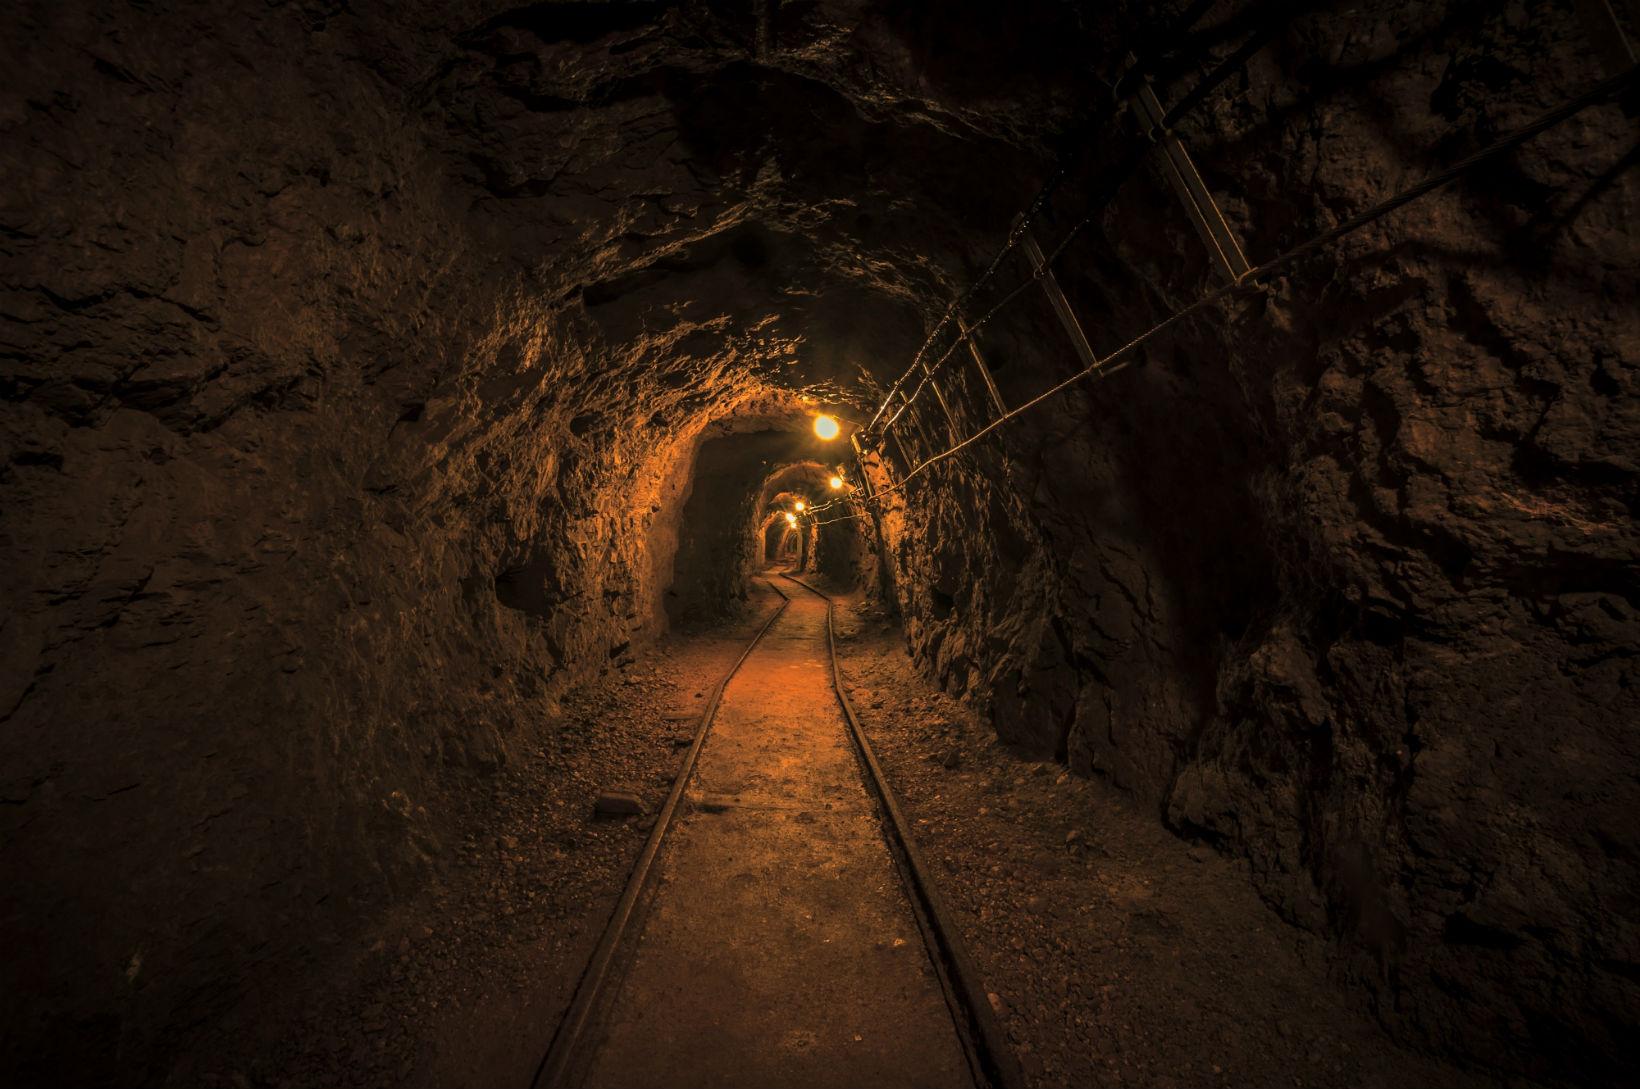 подземка на рудниках рельсах фото количество